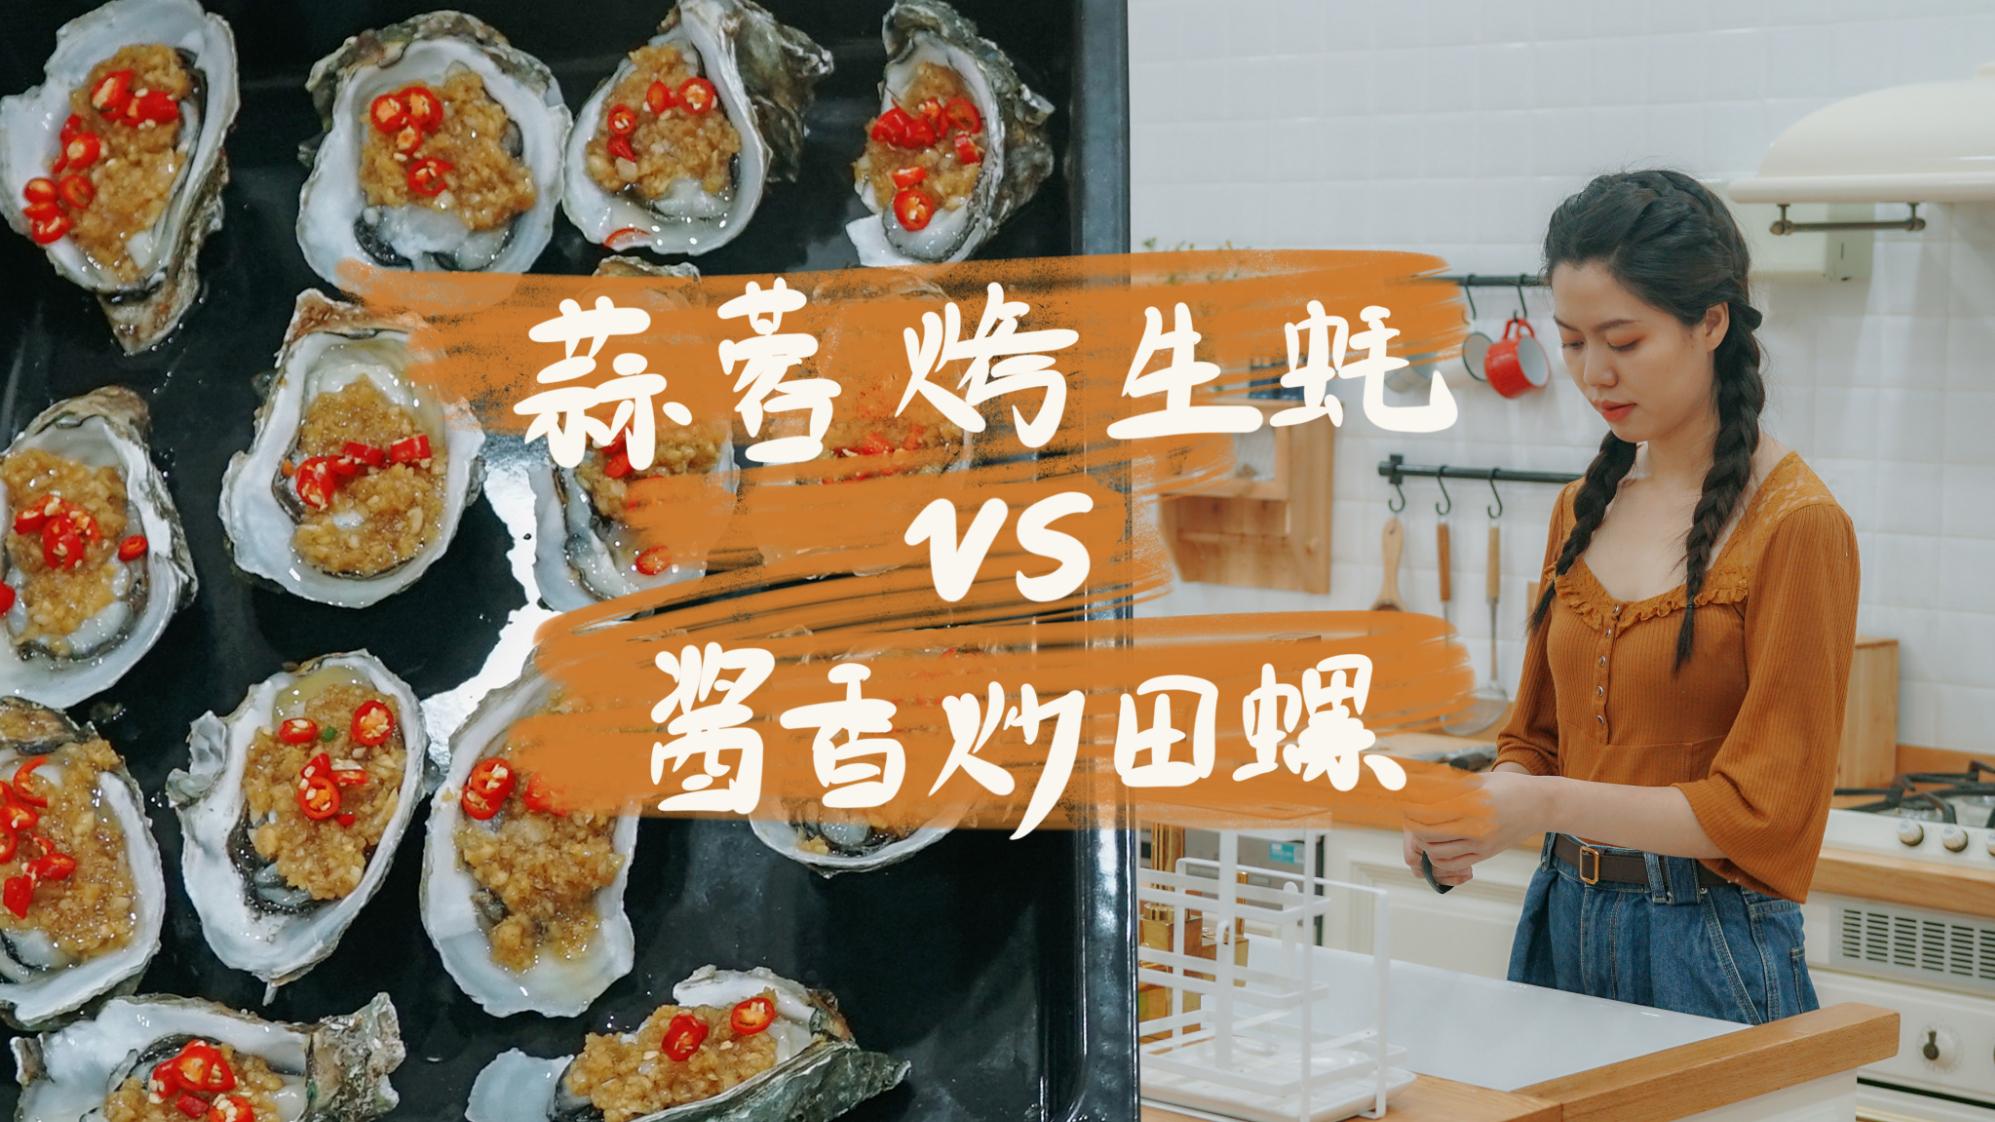 尝遍生蚝的N种做法,最喜欢的还是蒜蓉烤生蚝